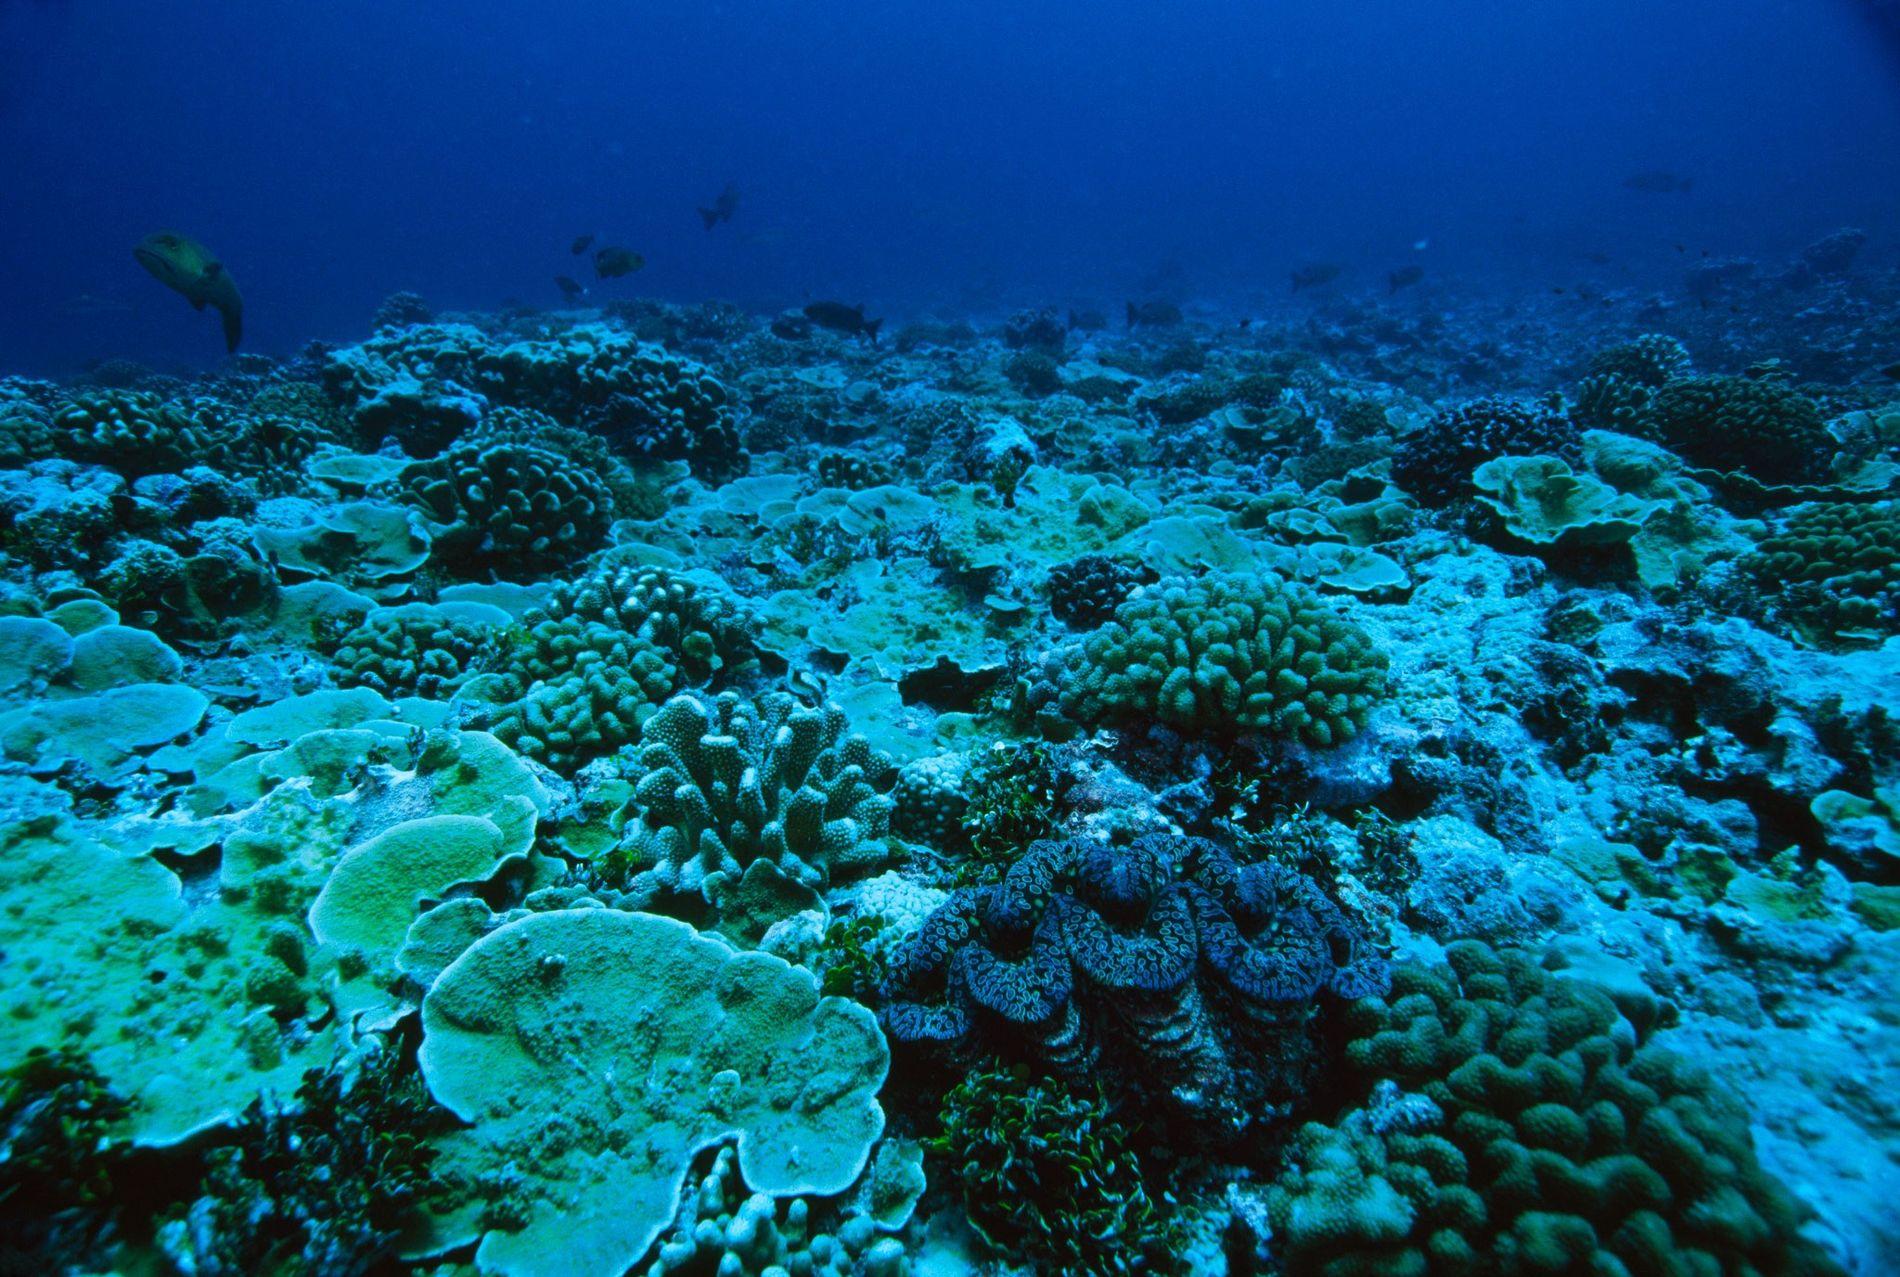 Korallen, Anemonen und Riesenmuscheln auf dem Meeresboden. Birnie Island, Phoenix Islands, Kiribati, Polynesien.